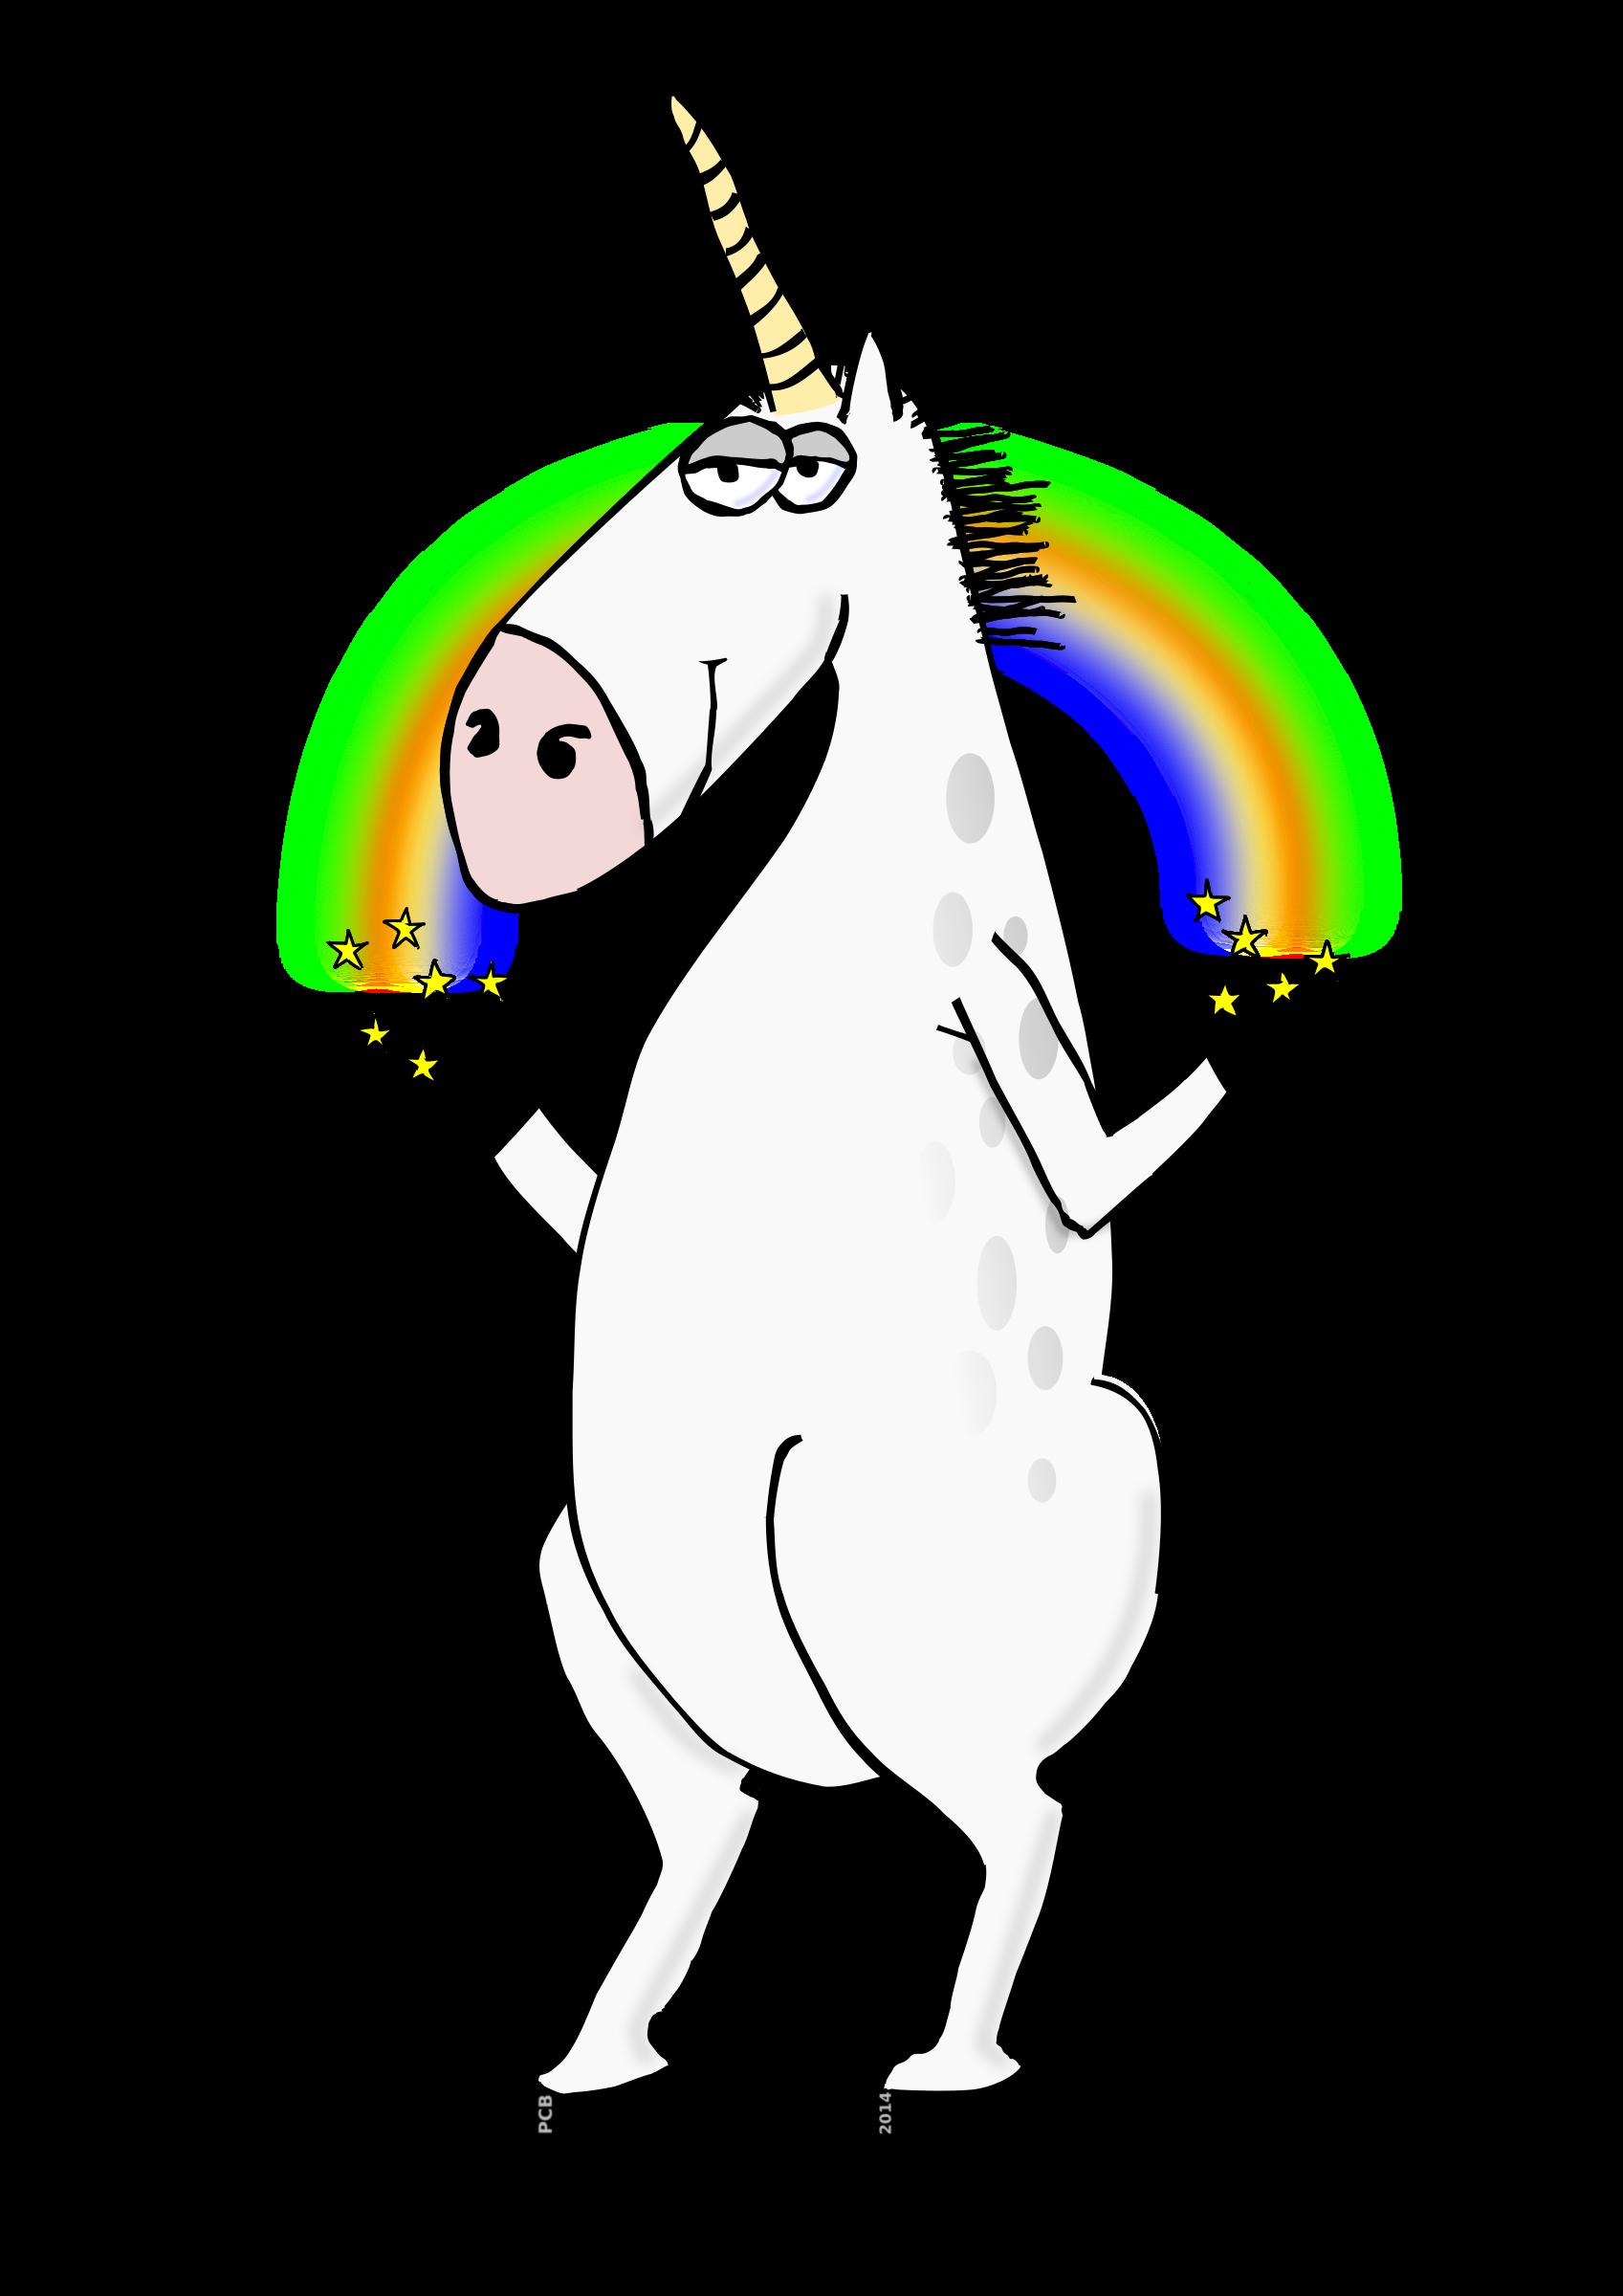 Clipart unicorn beautiful unicorn. Utopic icons png free